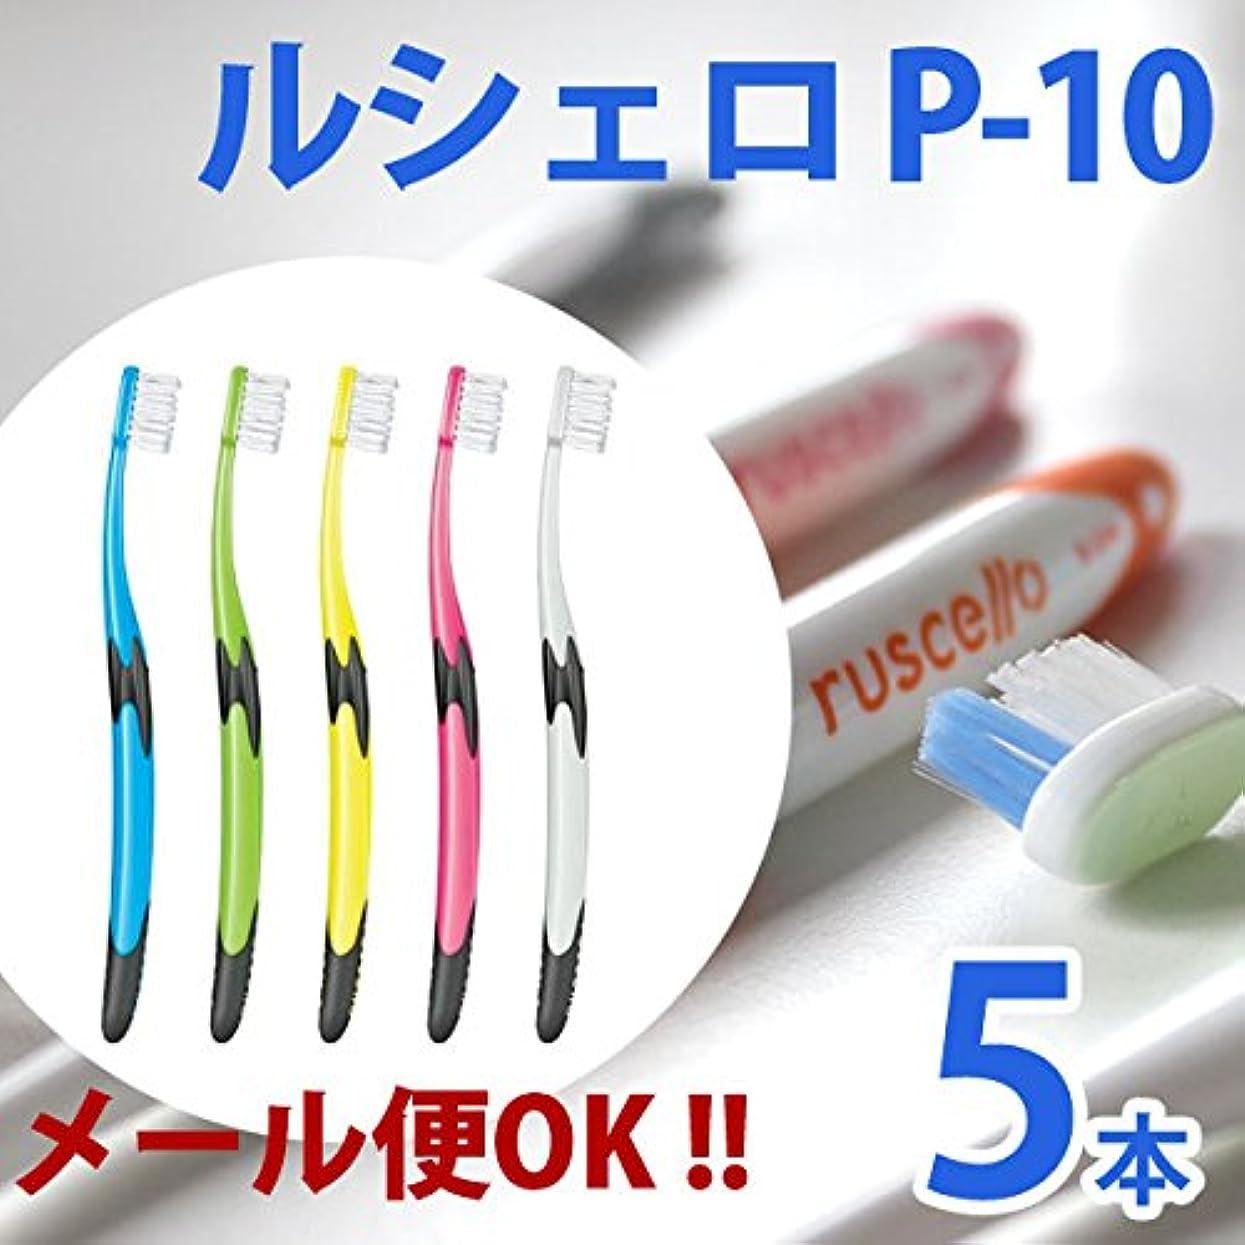 カビハブブシャールシェロ GCシェロ 歯ブラシP-10 5色アソート 5本セット 歯周疾患の方向け。極細のテーパー毛が Sやわらかめ